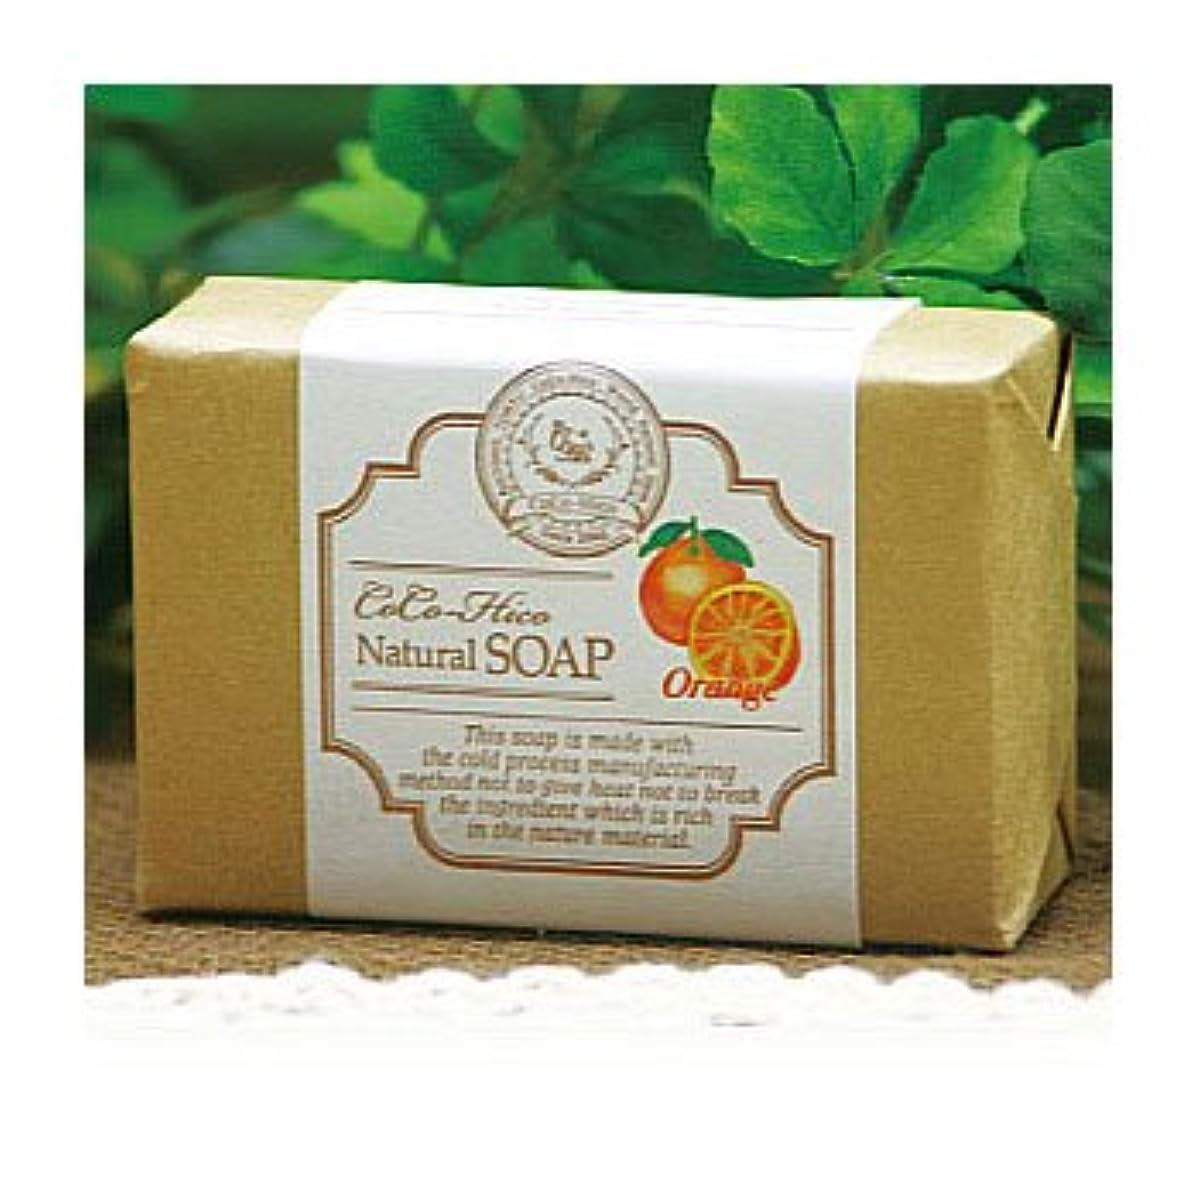 瞑想するおしゃれな租界【無添加 手作り 生せっけん】-CoCo-Hico SOAP-ココヒコ生せっけん オレンジ